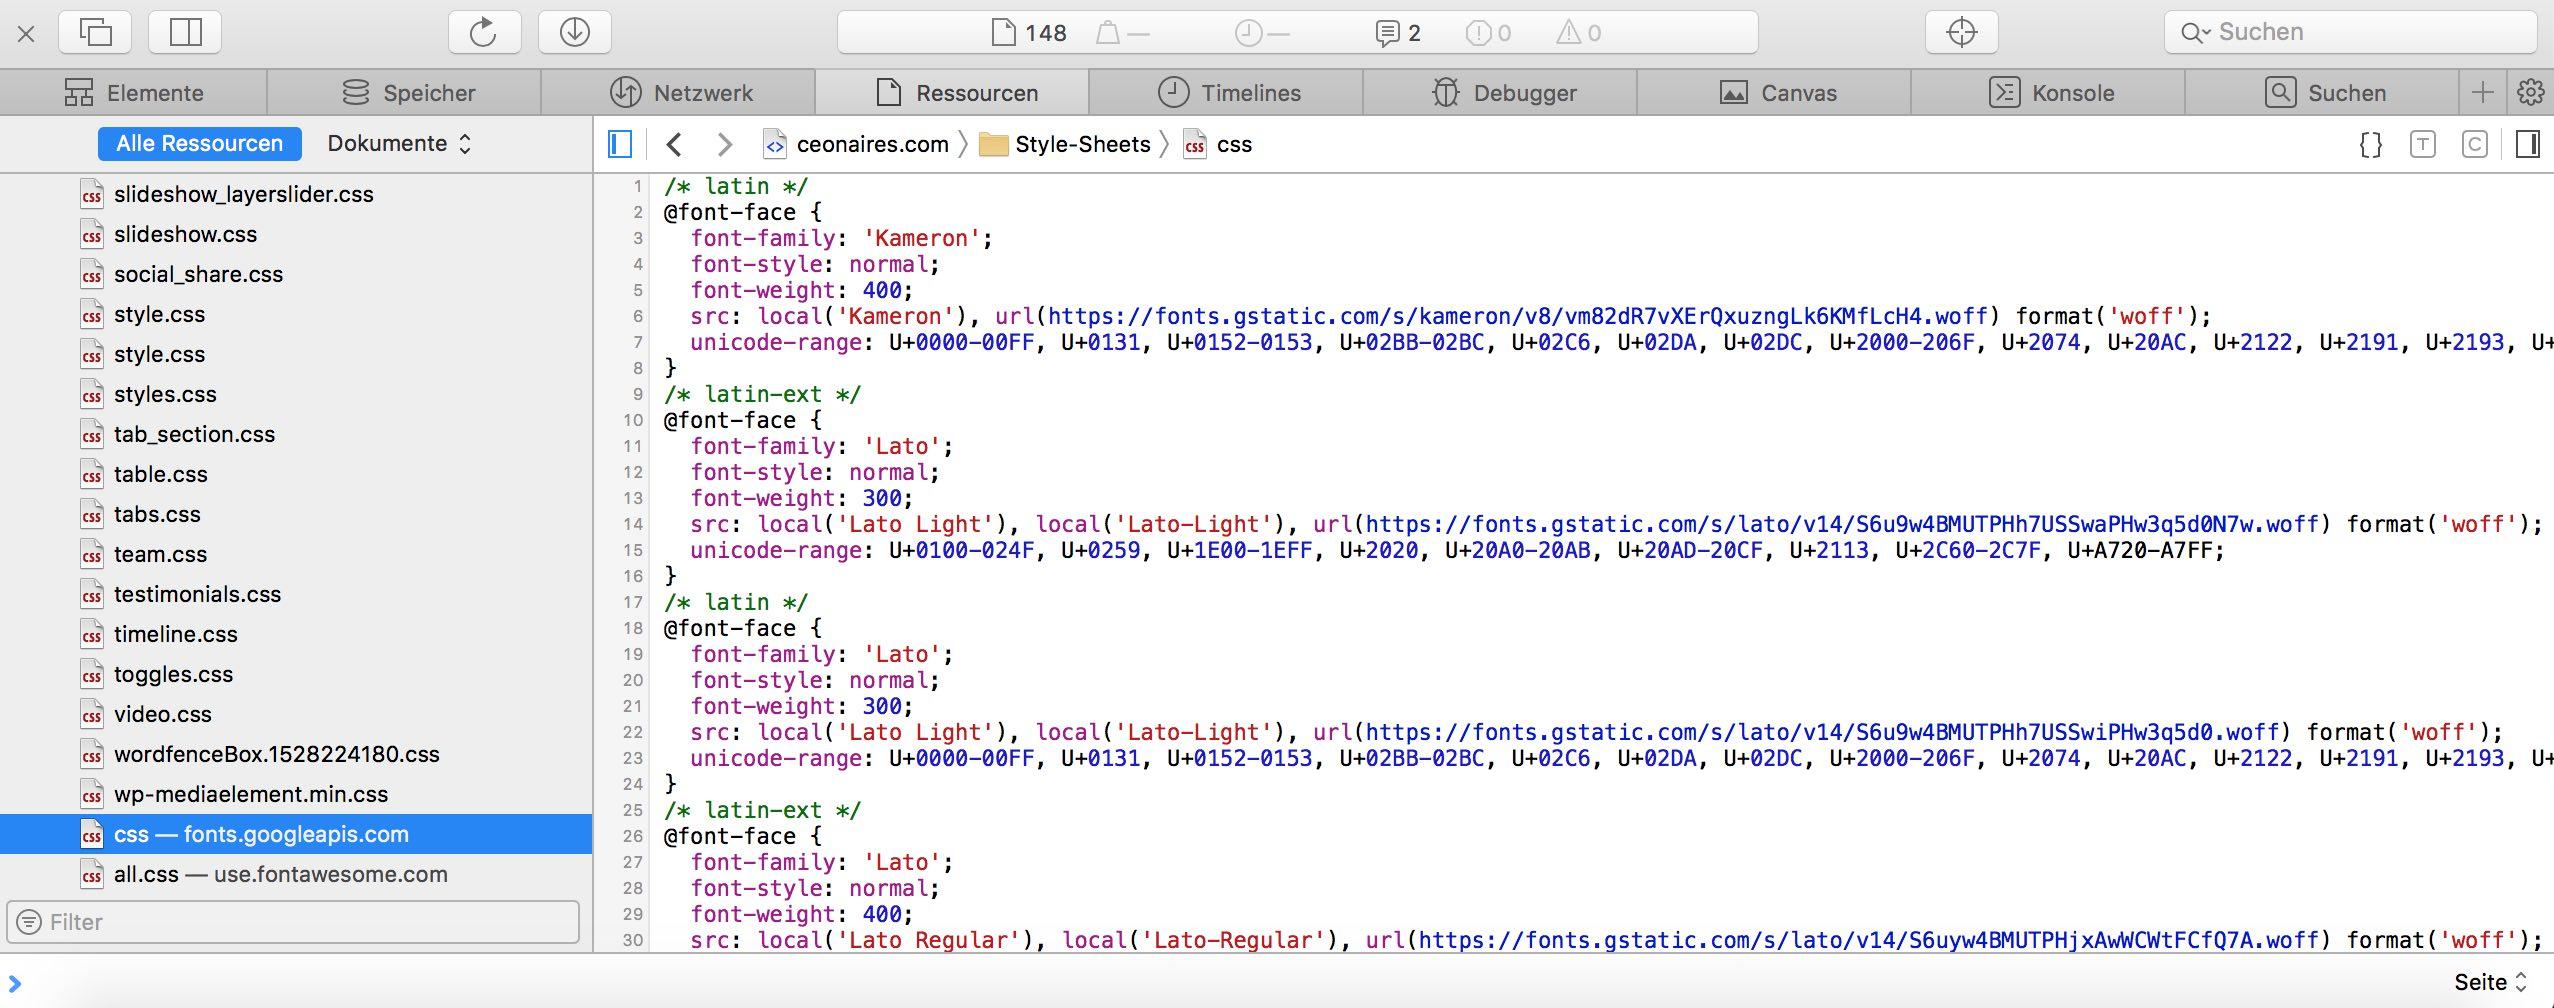 Google Fonts über Webkonsole anzeigen und identifizieren